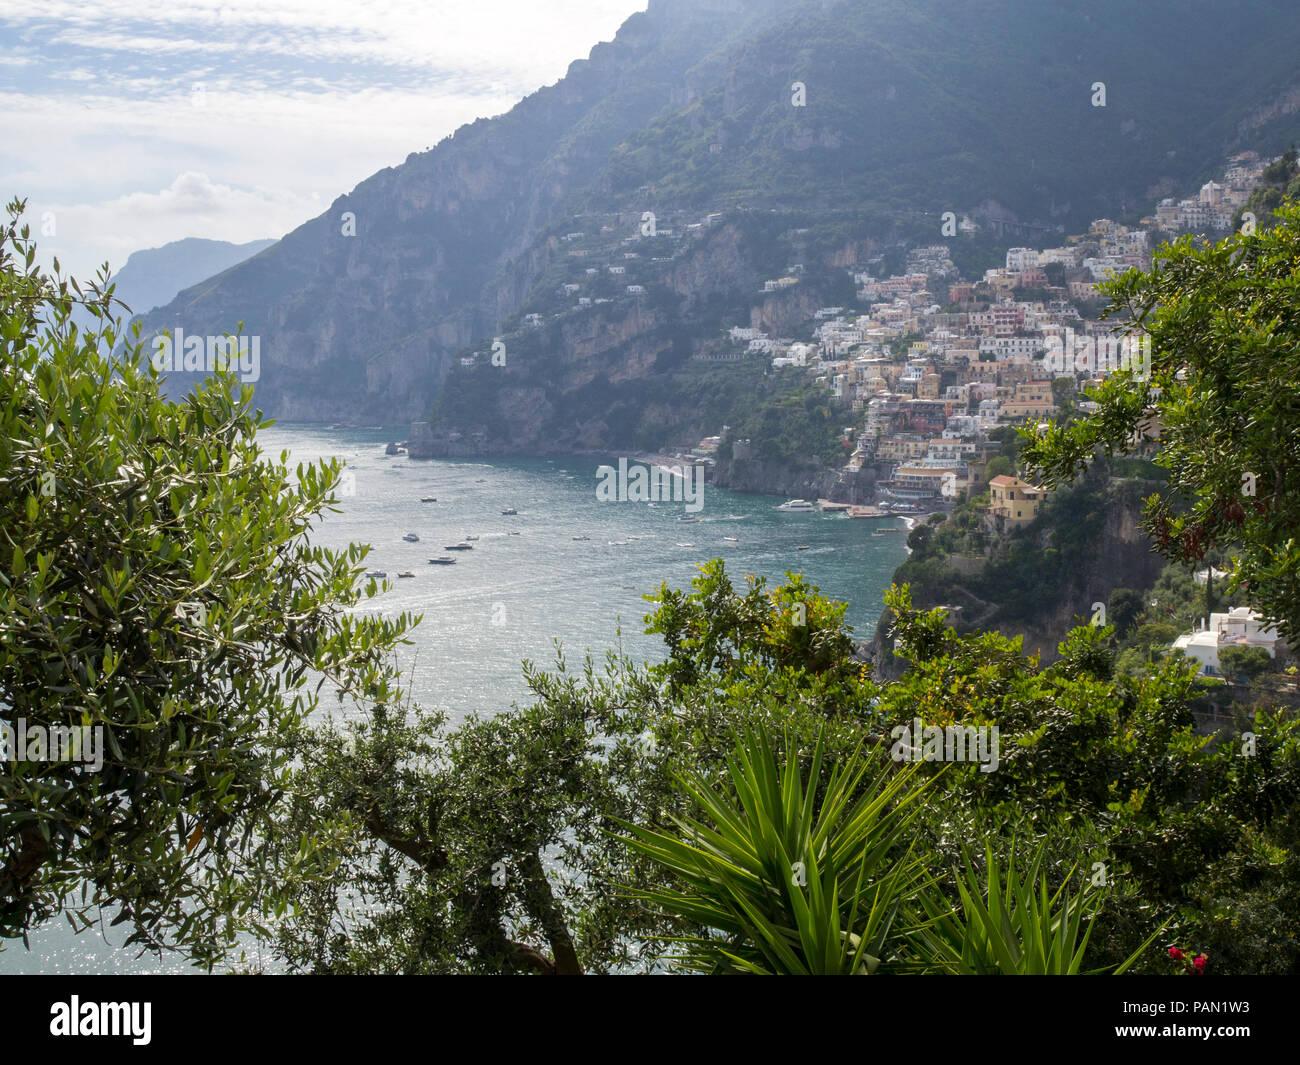 Das Dorf von Positano als von dem Pfad der Götter auf die Küste von Amalfi, Italien gesehen. Stockfoto